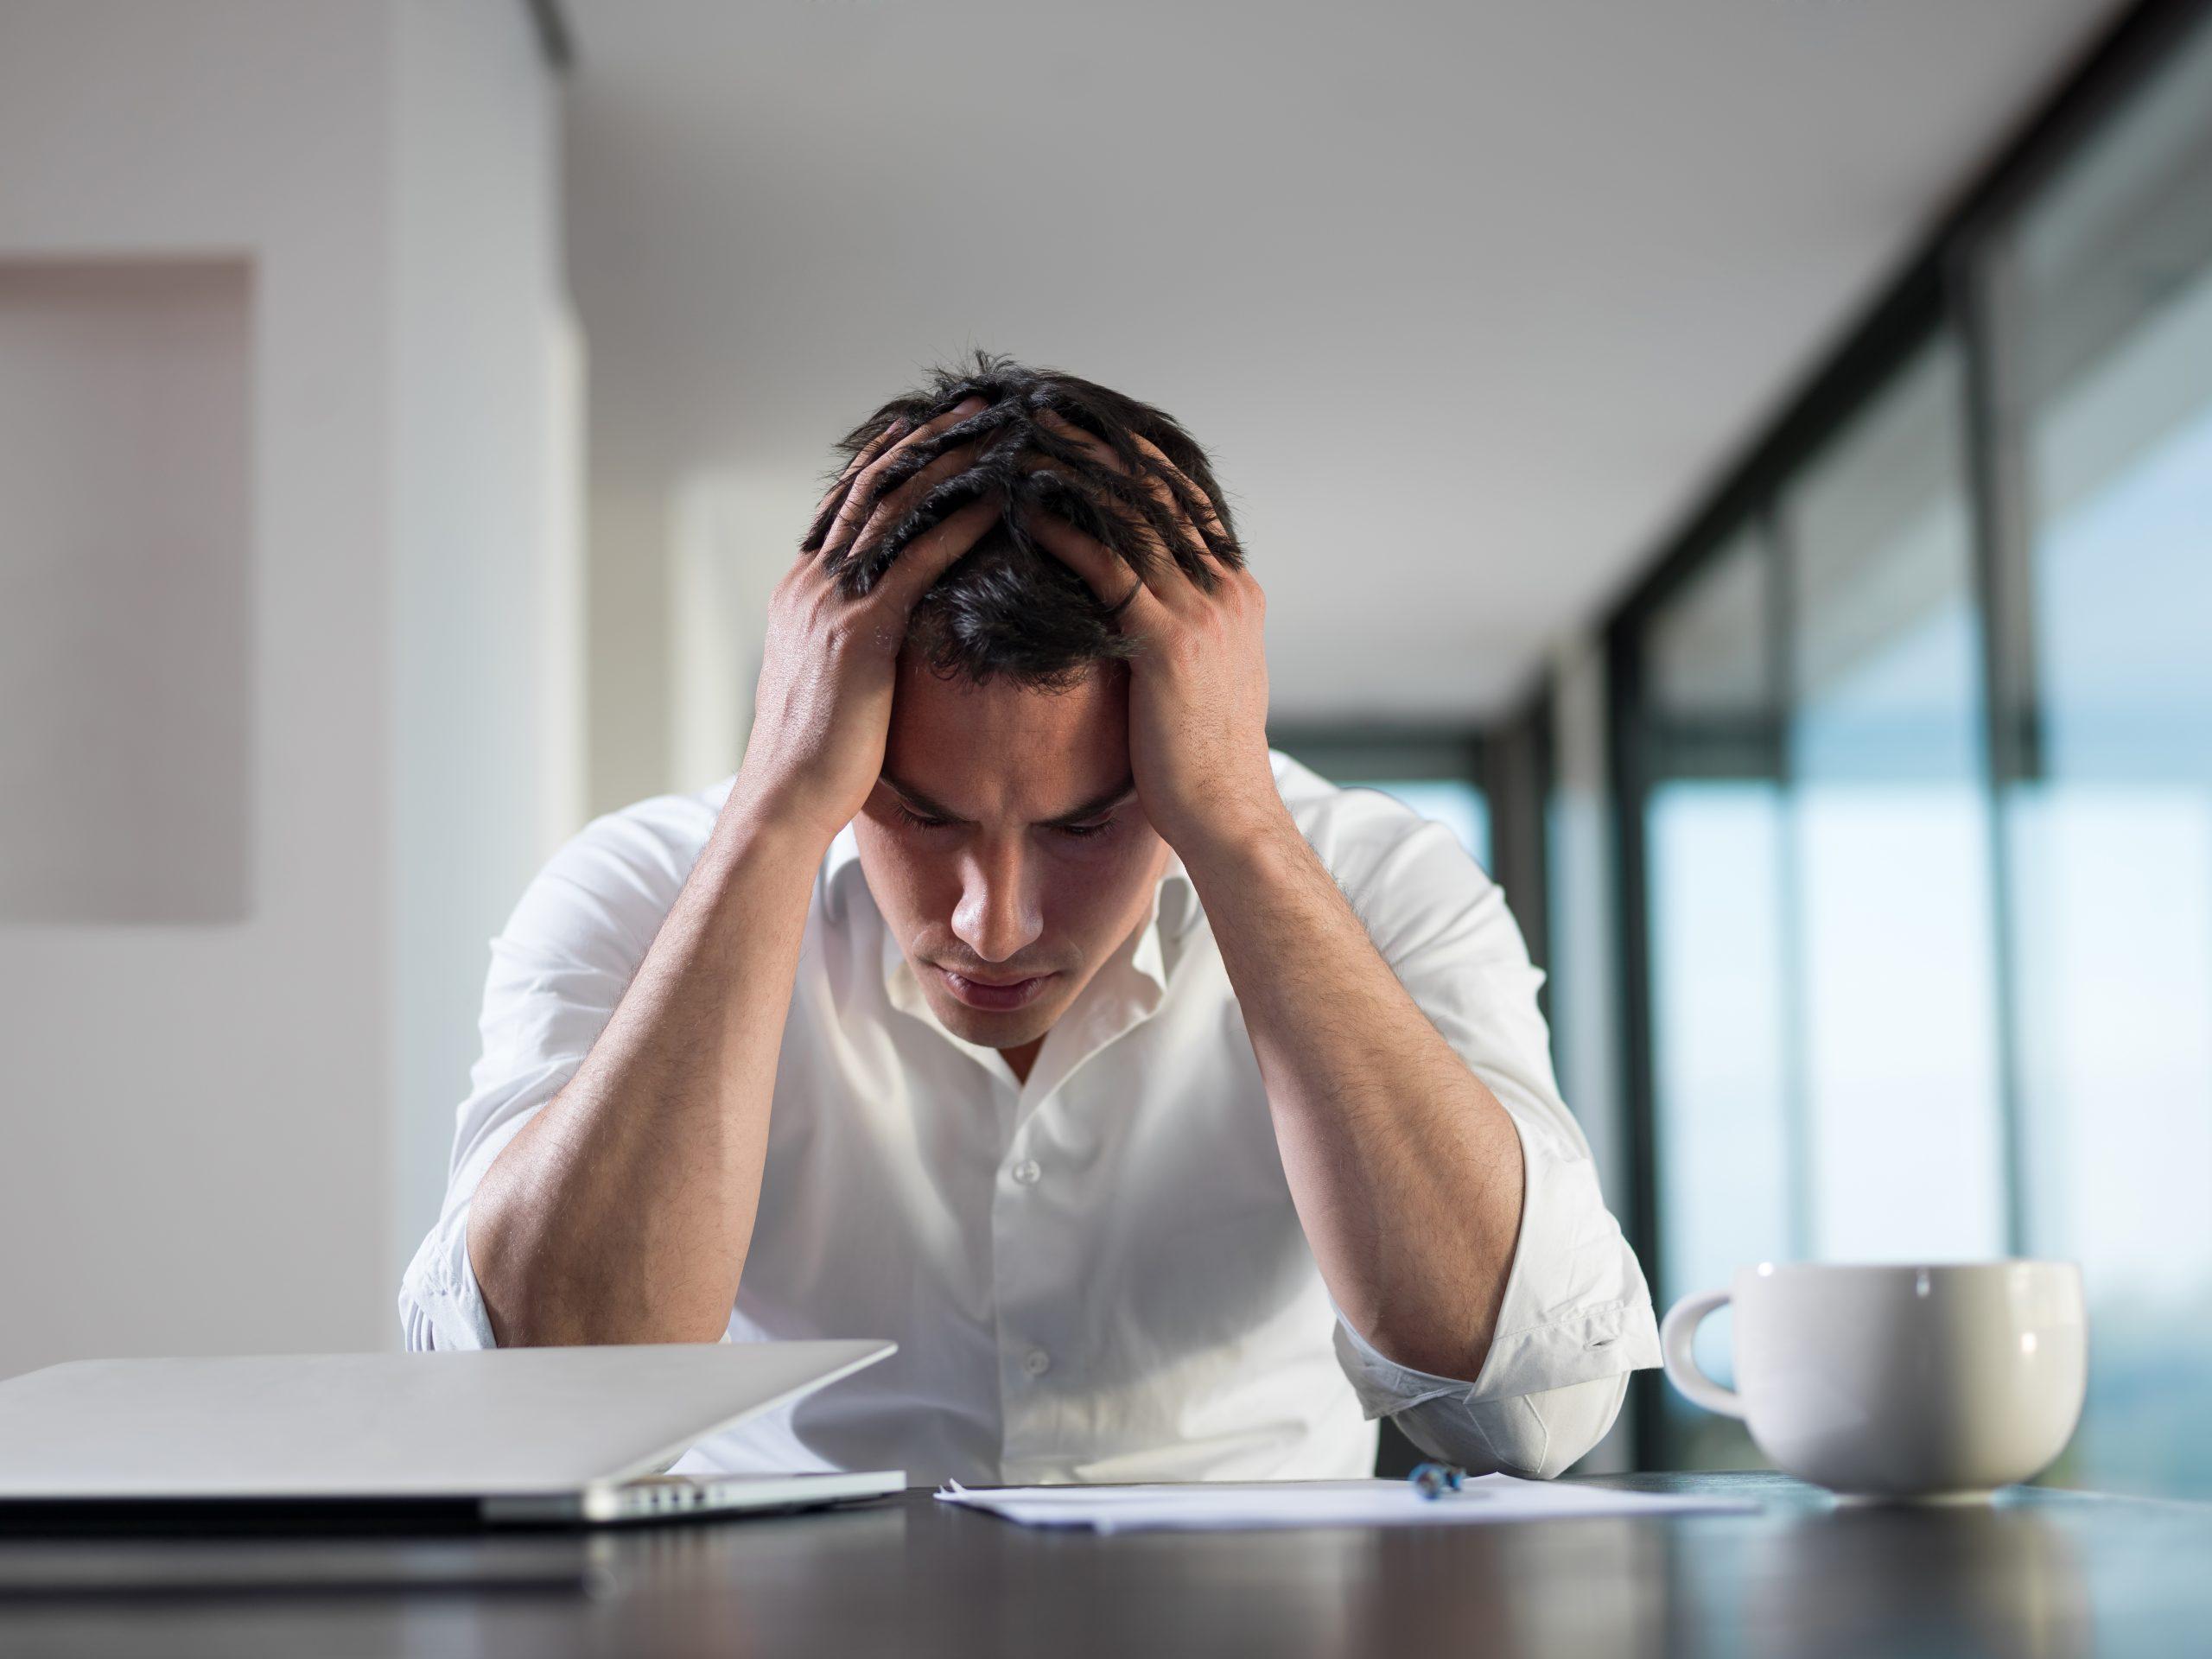 درمان استرس و افسردگی با داروهای گیاهی